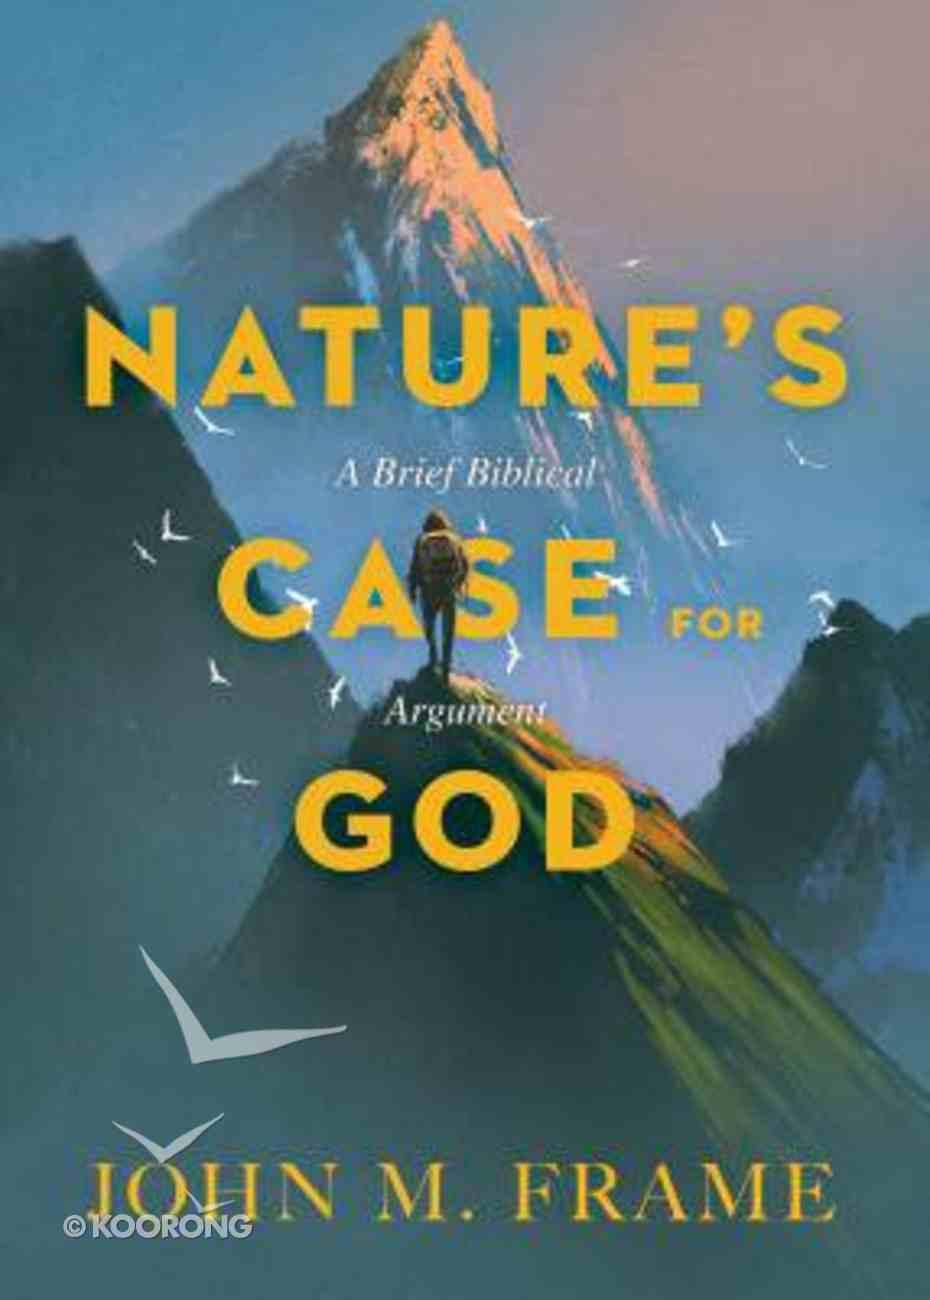 Nature's Case For God: A Brief Biblical Argument Paperback